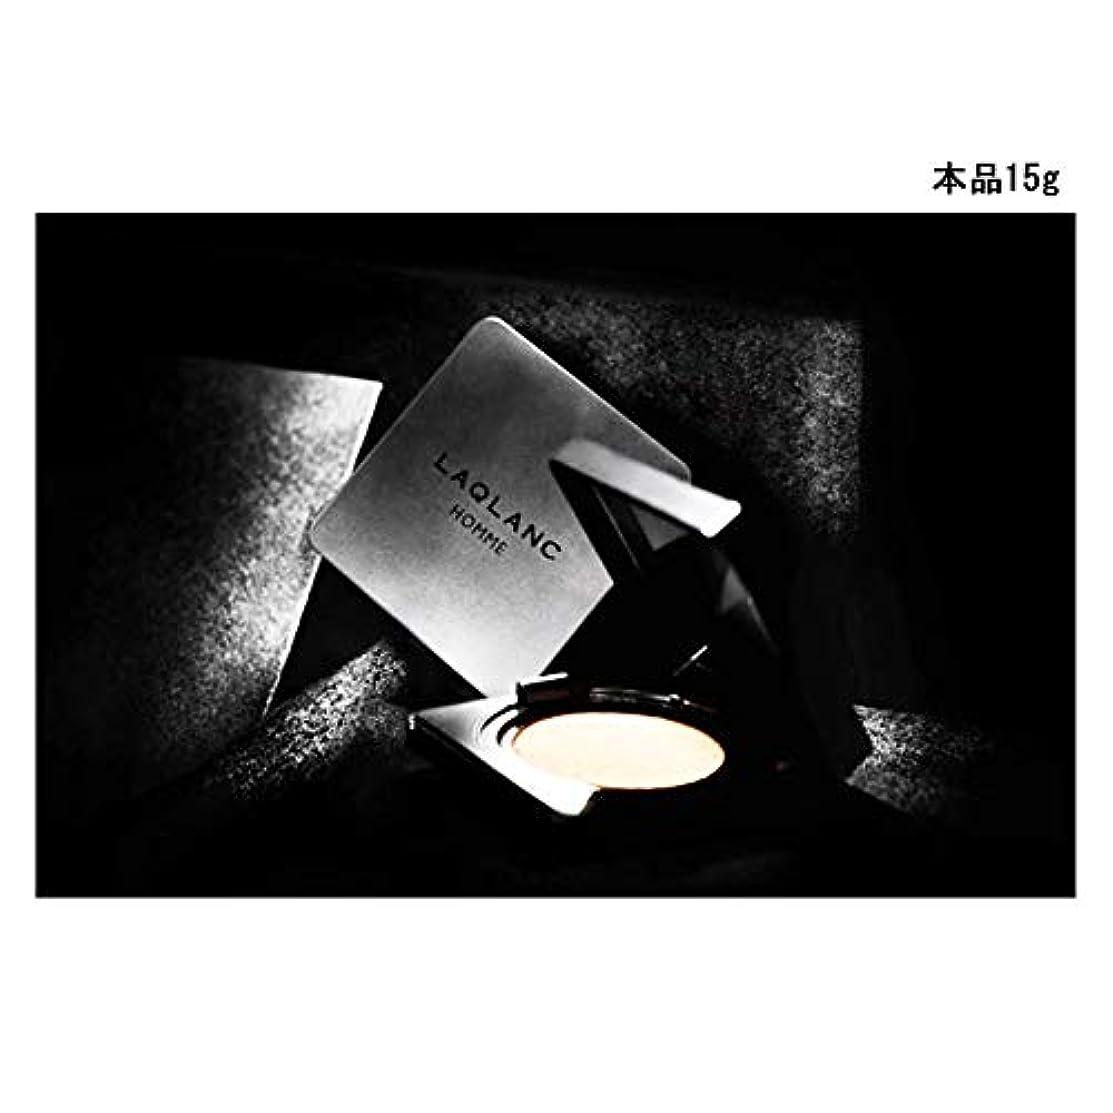 勃起縞模様のロッド(Laqlanc)大人気 10秒完成 ナチュラル 肌色アップ 紫外線遮断 ホワイトニング 男性 エアクッション 15g [海外配送品] [並行輸入品]